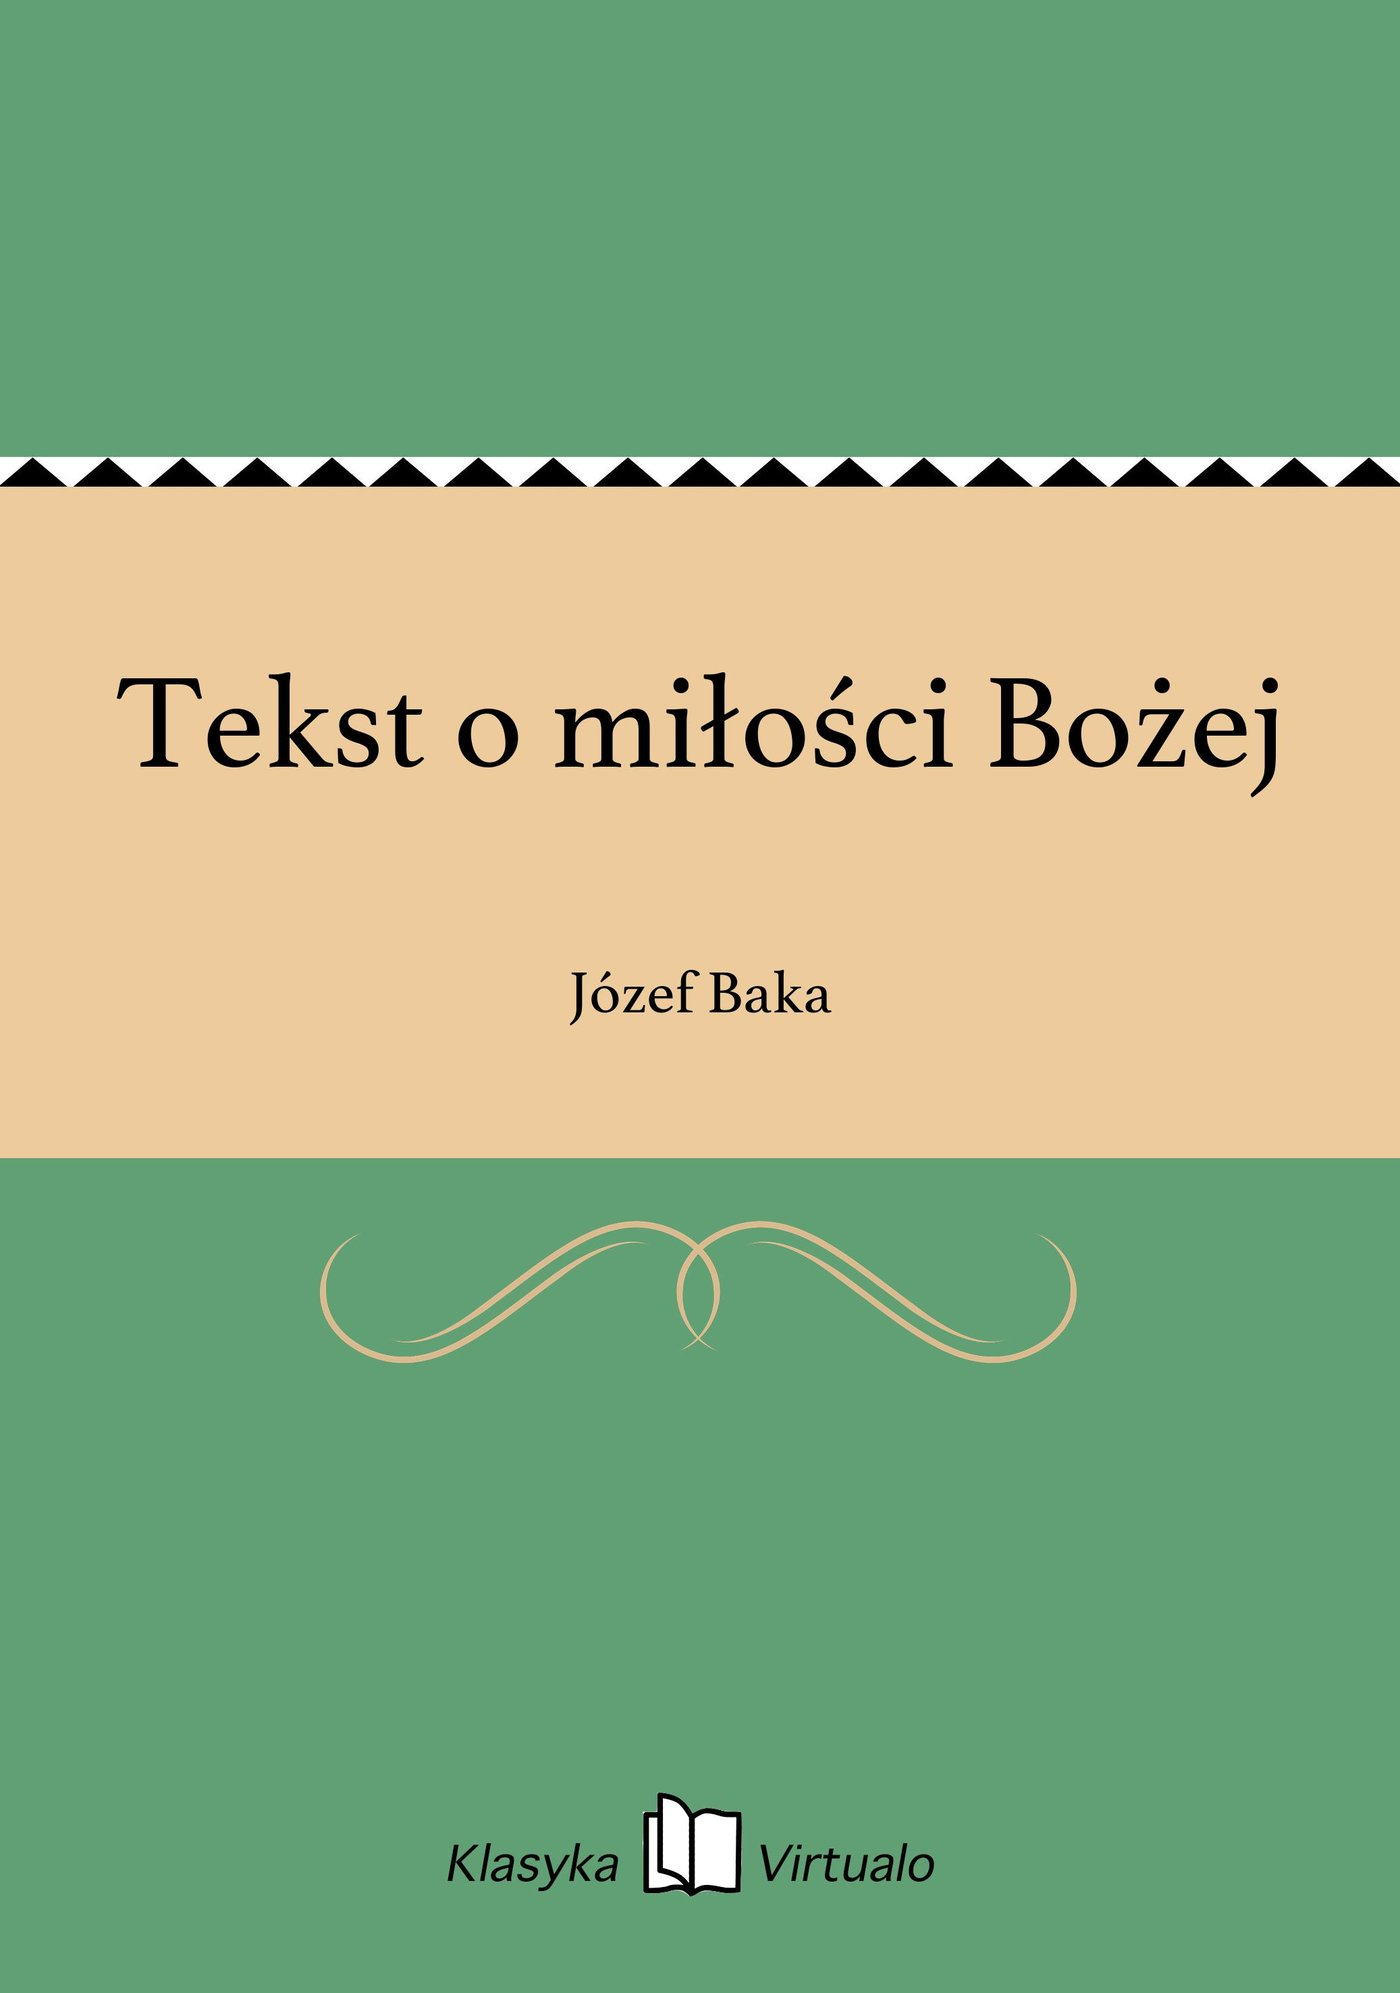 Tekst o miłości Bożej - Ebook (Książka na Kindle) do pobrania w formacie MOBI